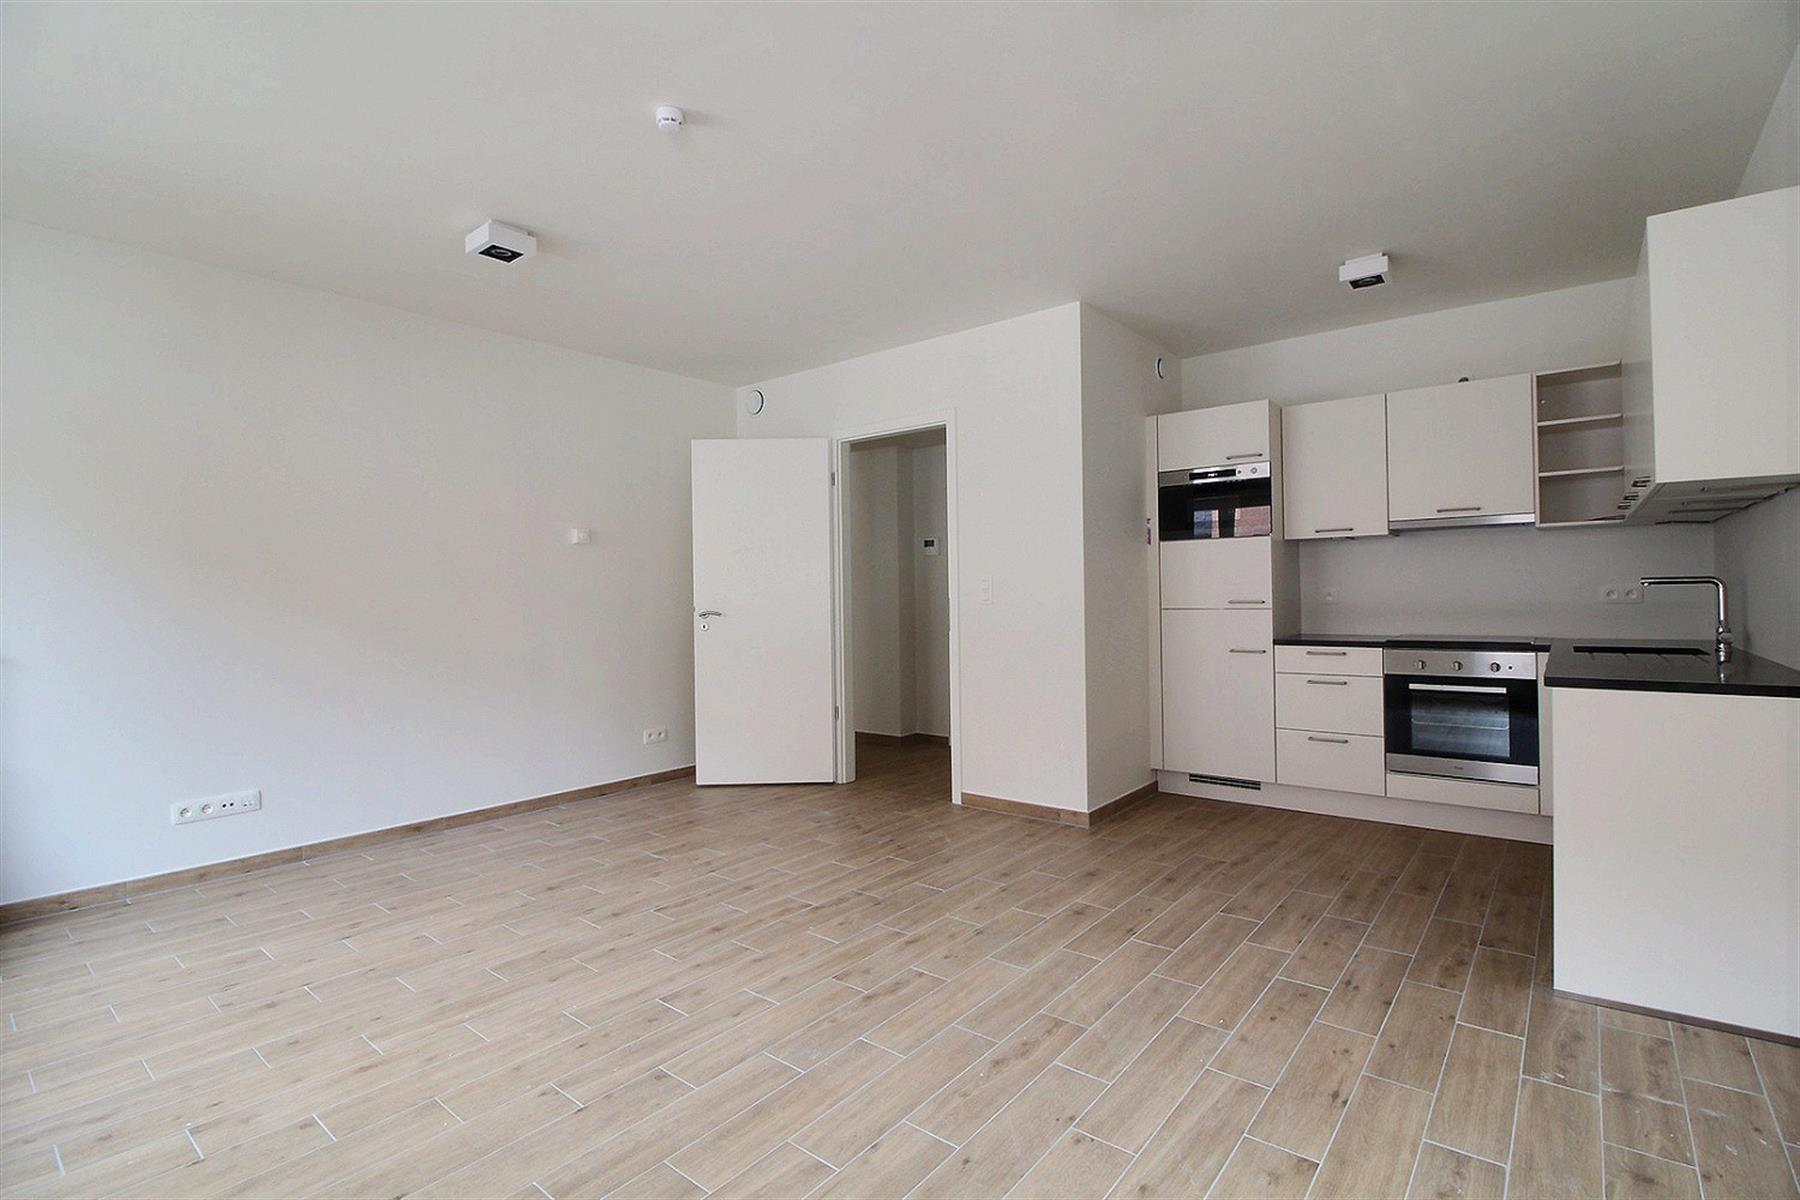 Appartement - Ottignies-Louvain-la-Neuve Louvain-la-Neuve - #4258211-1